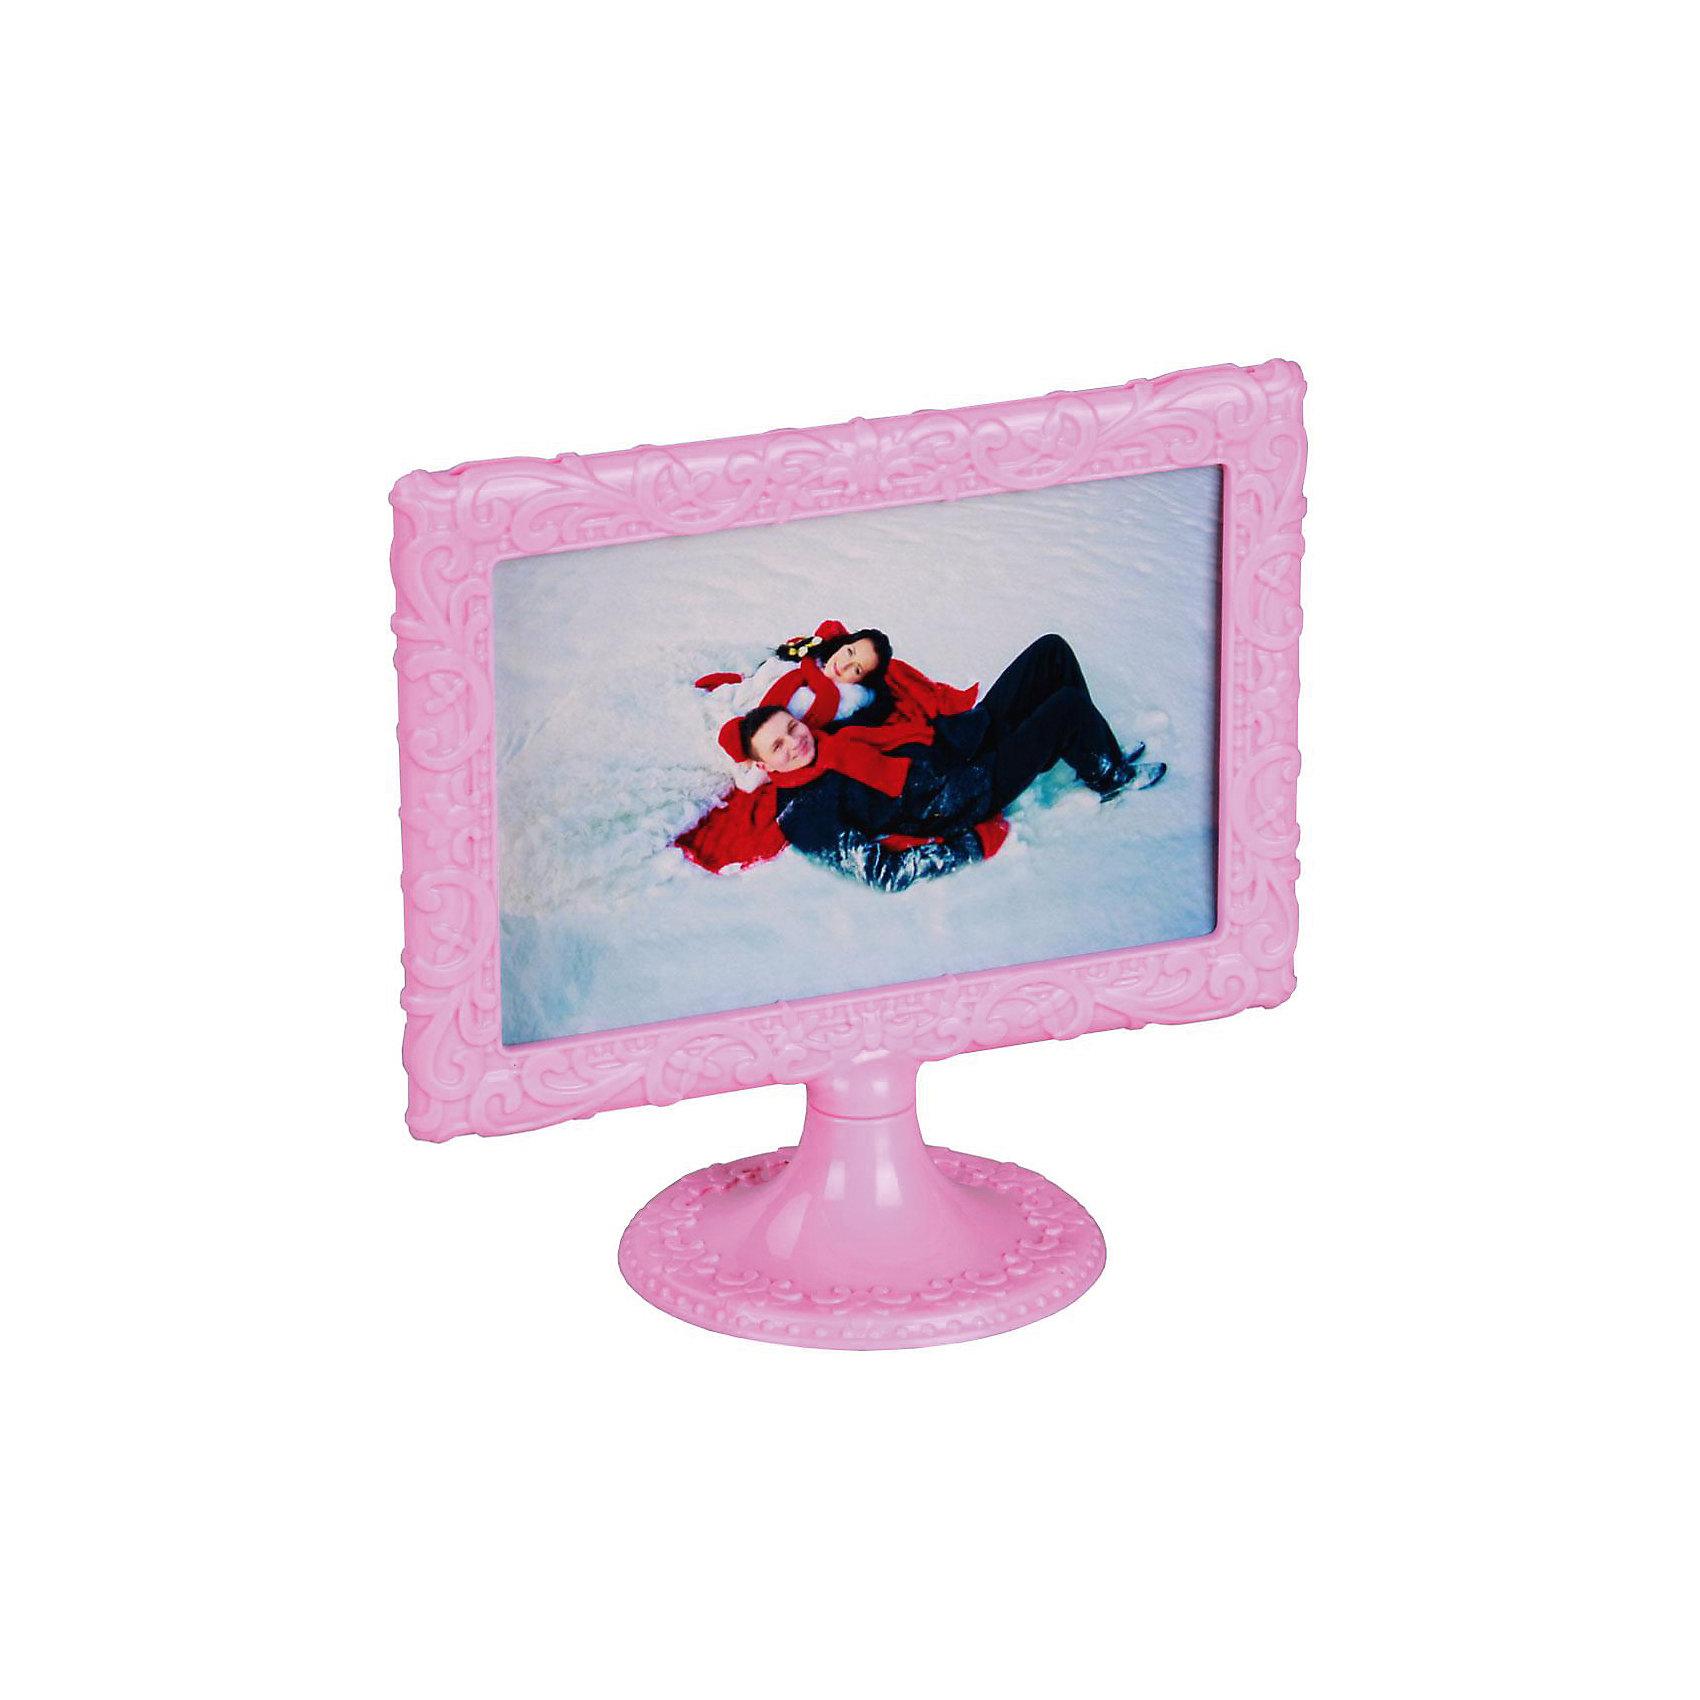 Рамка для фото, Alternativa, 10х15 Ажур горизонталь., Alternativa, розовыйПредметы интерьера<br>Характеристики:<br><br>• Предназначение: для фотографий, вышивок, картинок<br>• Материал: пластик<br>• Цвет: розовый <br>• Размер (Д*Ш*В):  12,5*8,5*21,5 см<br>• Для фото и картинок размером 10*15 см<br>• Наличие круглой подставки<br>• Декор: ажур<br>• Форма: прямоугольная, горизонтальная<br>• Особенности ухода: разрешается протирать влажной губкой<br><br>Рамка д\фото, Alternativa, 10х15 Ажур горизонталь., Alternativa, розовый изготовлен отечественным производителем ООО ЗПИ Альтернатива, который специализируется на выпуске широкого спектра изделий и предметов мебели из пластика. Рамка выполнена из экологически безопасного материала, устойчивого к механическим повреждениям и изменению цвета. Имеет компактный размер, легкий вес, круглую устойчивую подставку и классическую прямоугольную форму. Рамка оформлена ажурным объемным декором. Рамку-поставку можно использовать не только для оформления фотографий, но и для вышивок, картинок, что позволит создать яркие детали вашего интерьера. Рамка д\фото, Alternativa, 10х15 Ажур горизонталь., Alternativa, розовый может стать прекрасным решением для подарка к любому празднику.<br><br>Рамку д\фото, Alternativa, 10х15 Ажур горизонталь., Alternativa, розовую можно купить в нашем интернет-магазине.<br><br>Ширина мм: 125<br>Глубина мм: 90<br>Высота мм: 215<br>Вес г: 57<br>Возраст от месяцев: -2147483648<br>Возраст до месяцев: 2147483647<br>Пол: Женский<br>Возраст: Детский<br>SKU: 5096678